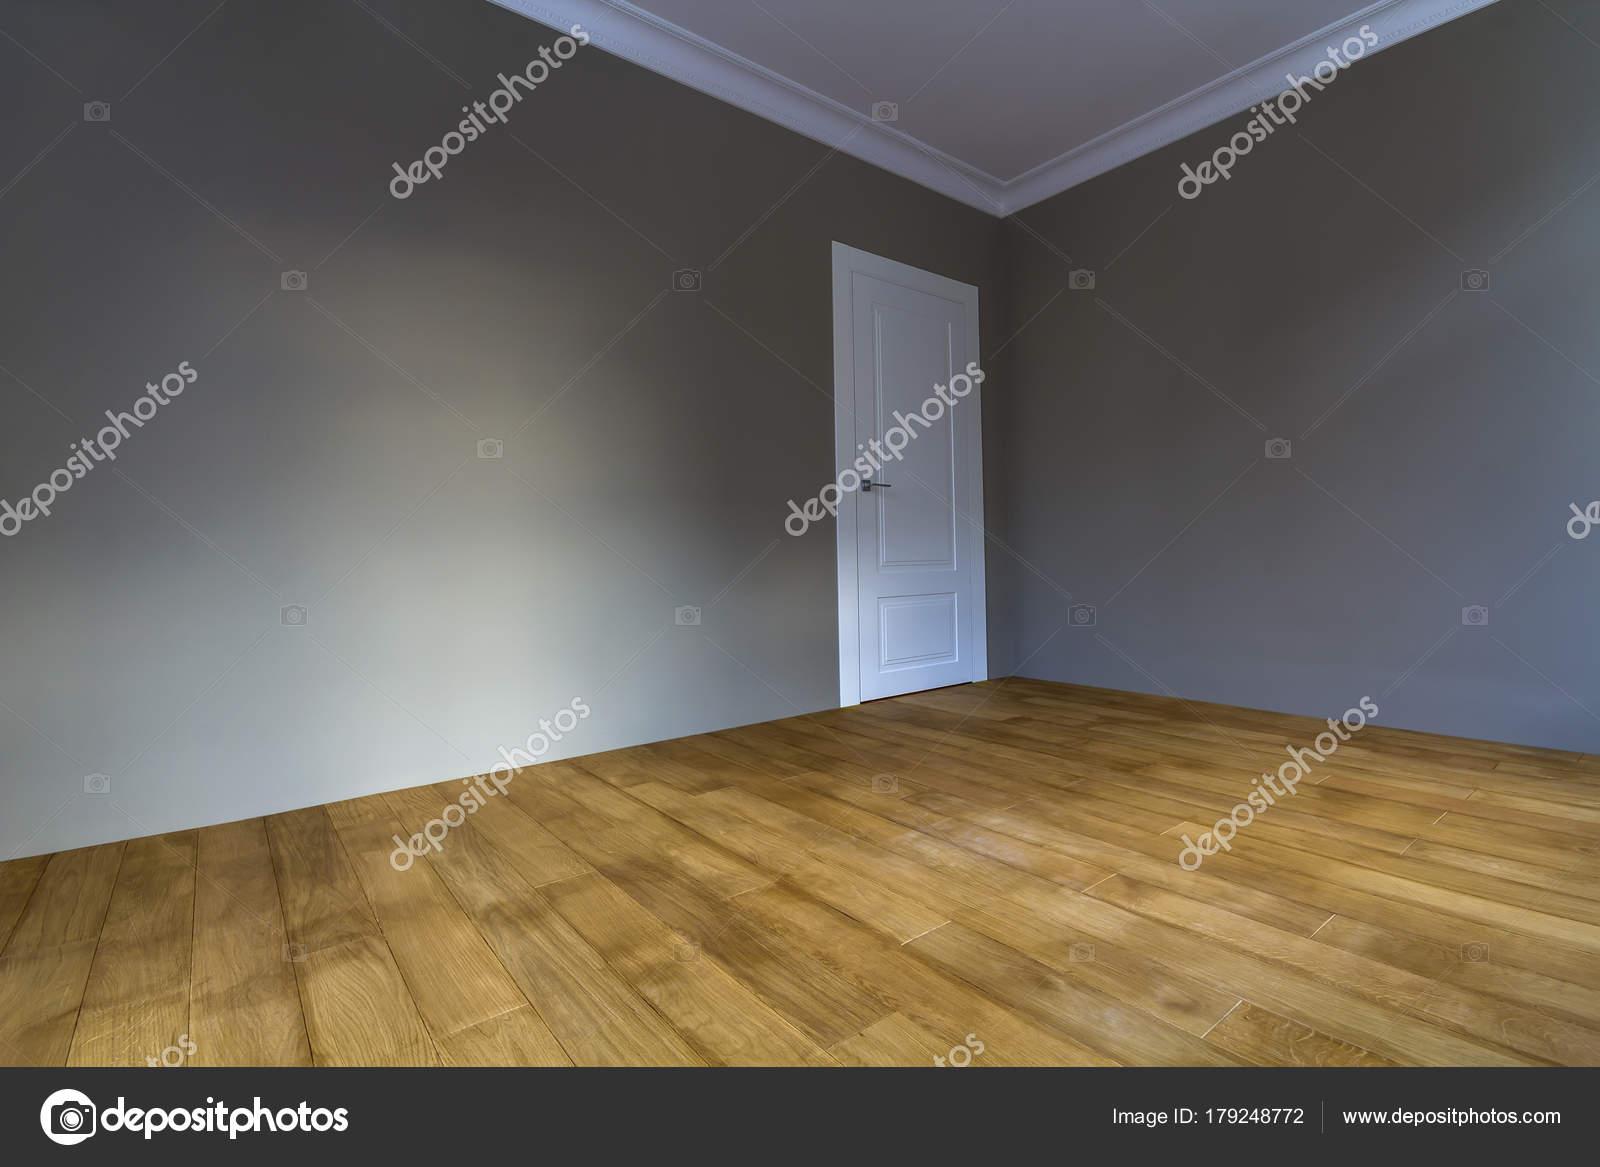 Cuartos vacios pintados | Nuevo interior de habitaciones renovadas ...